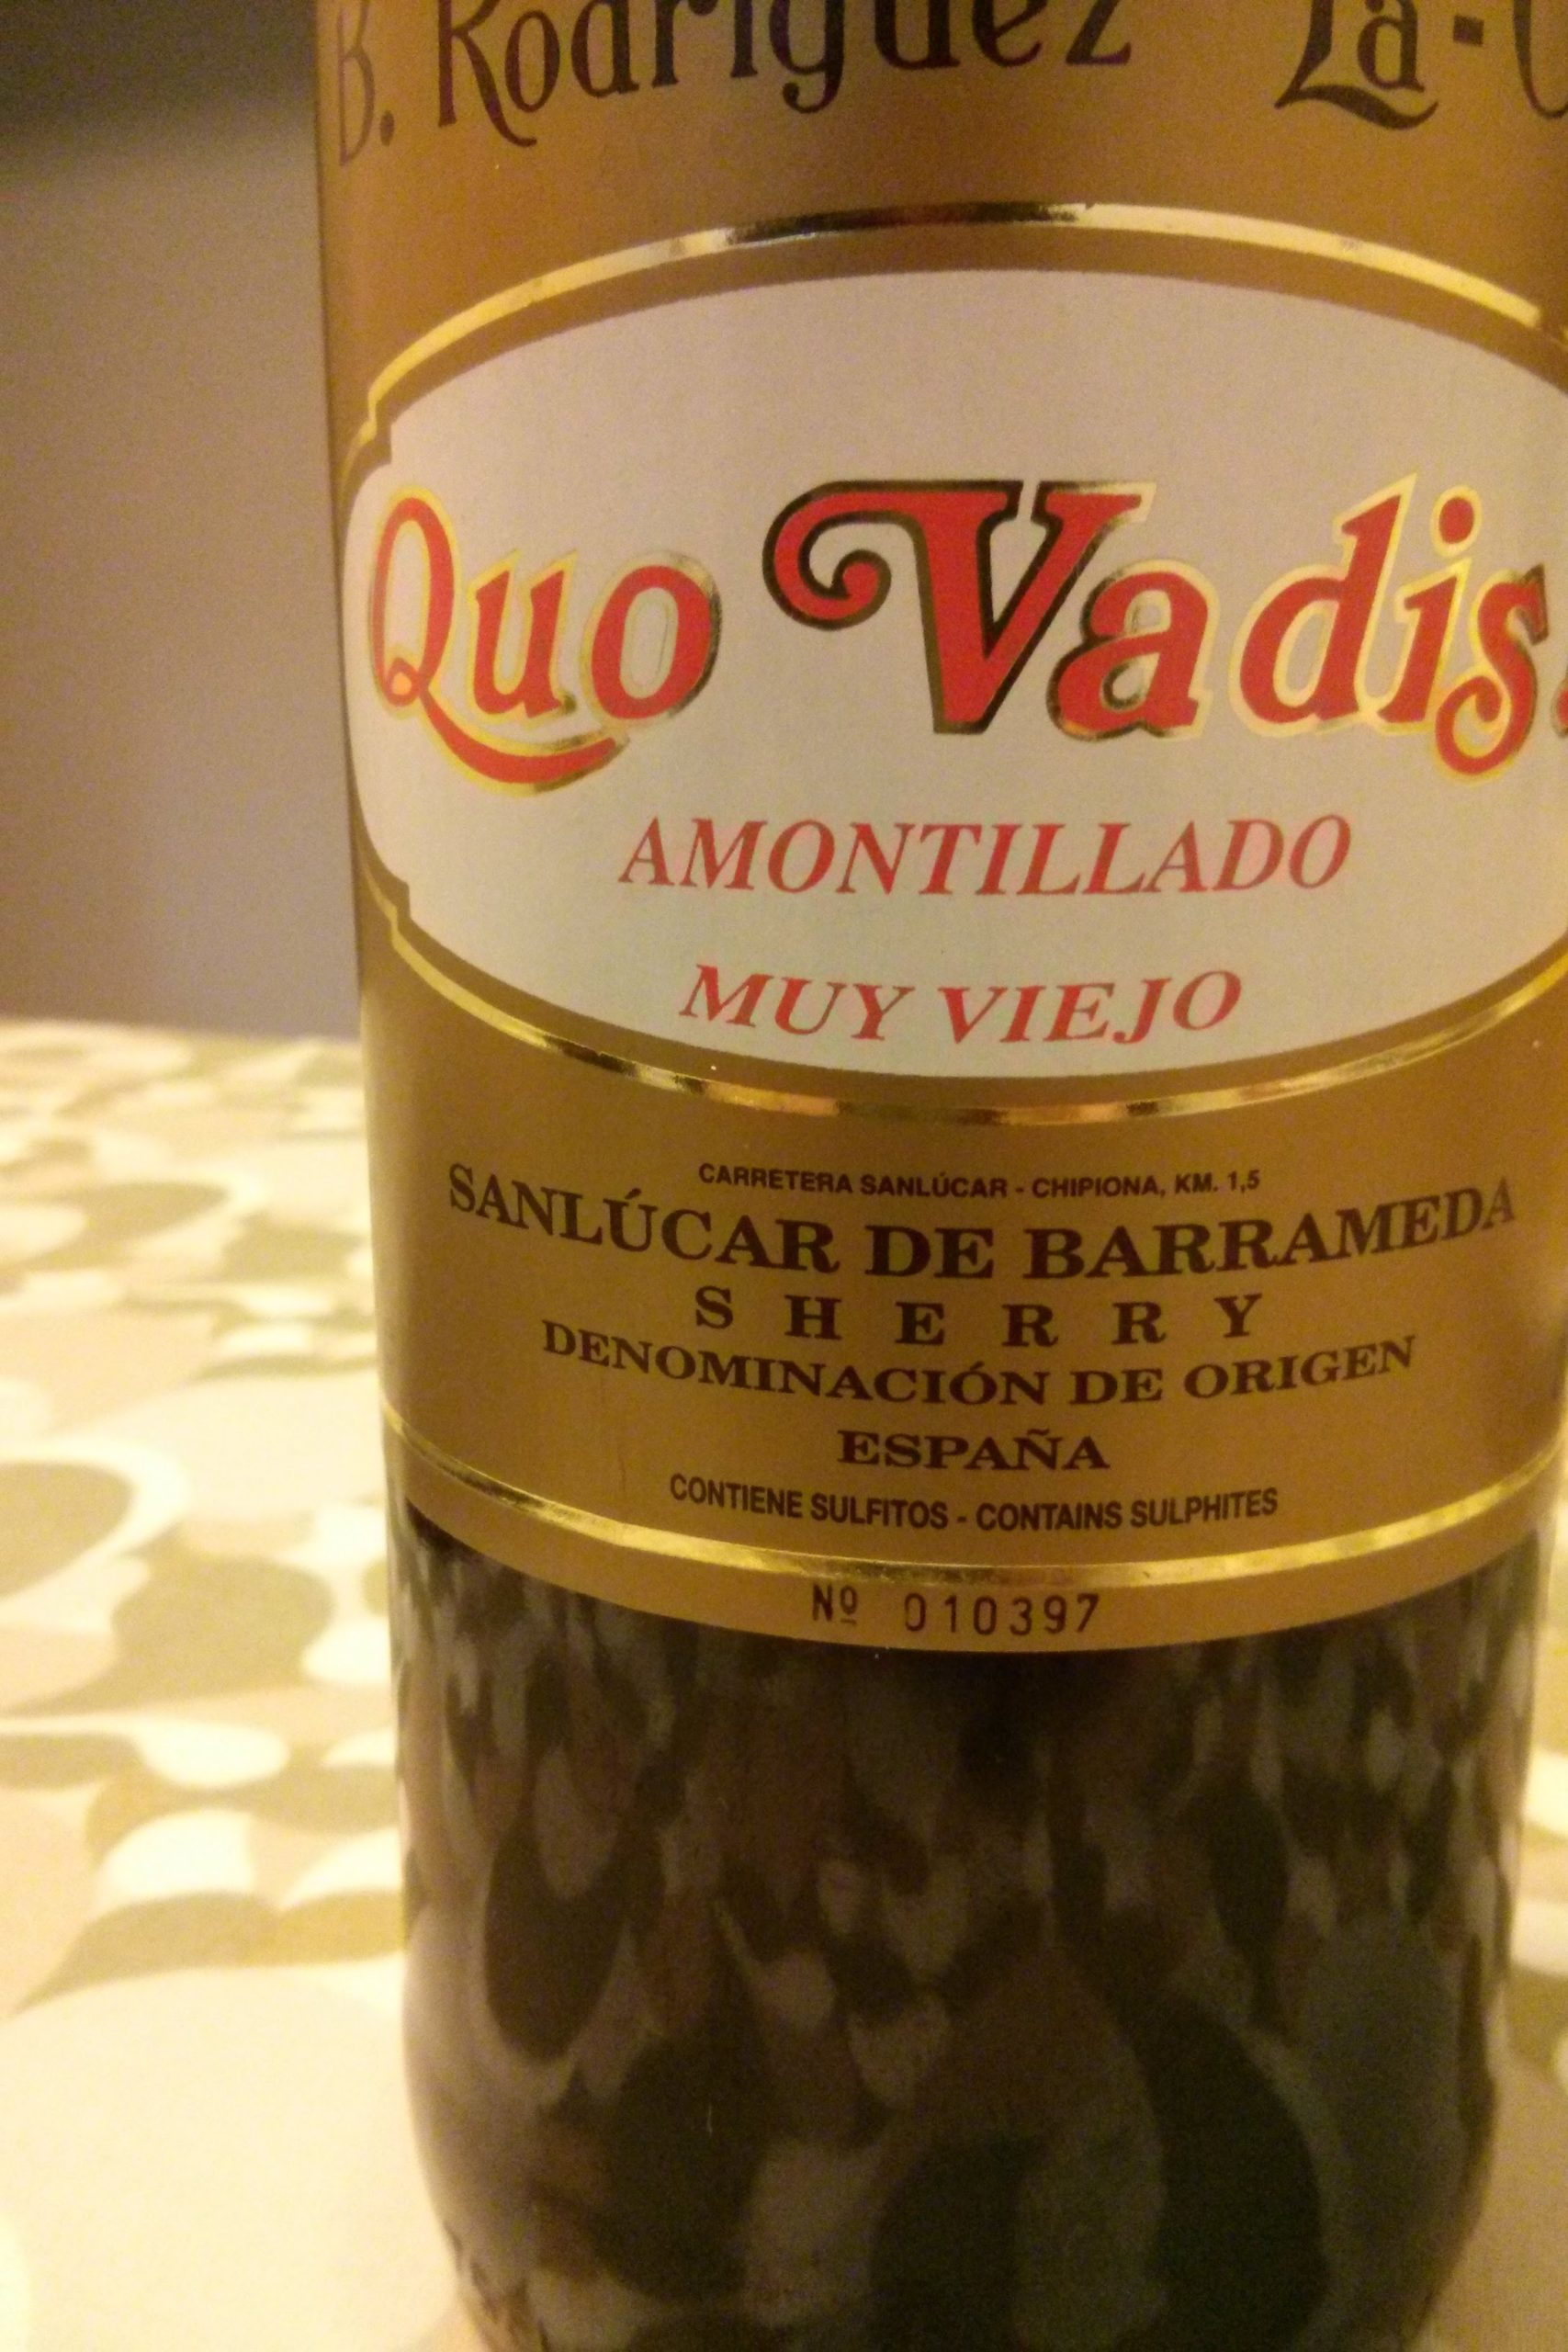 Amontillado Quo Vadis